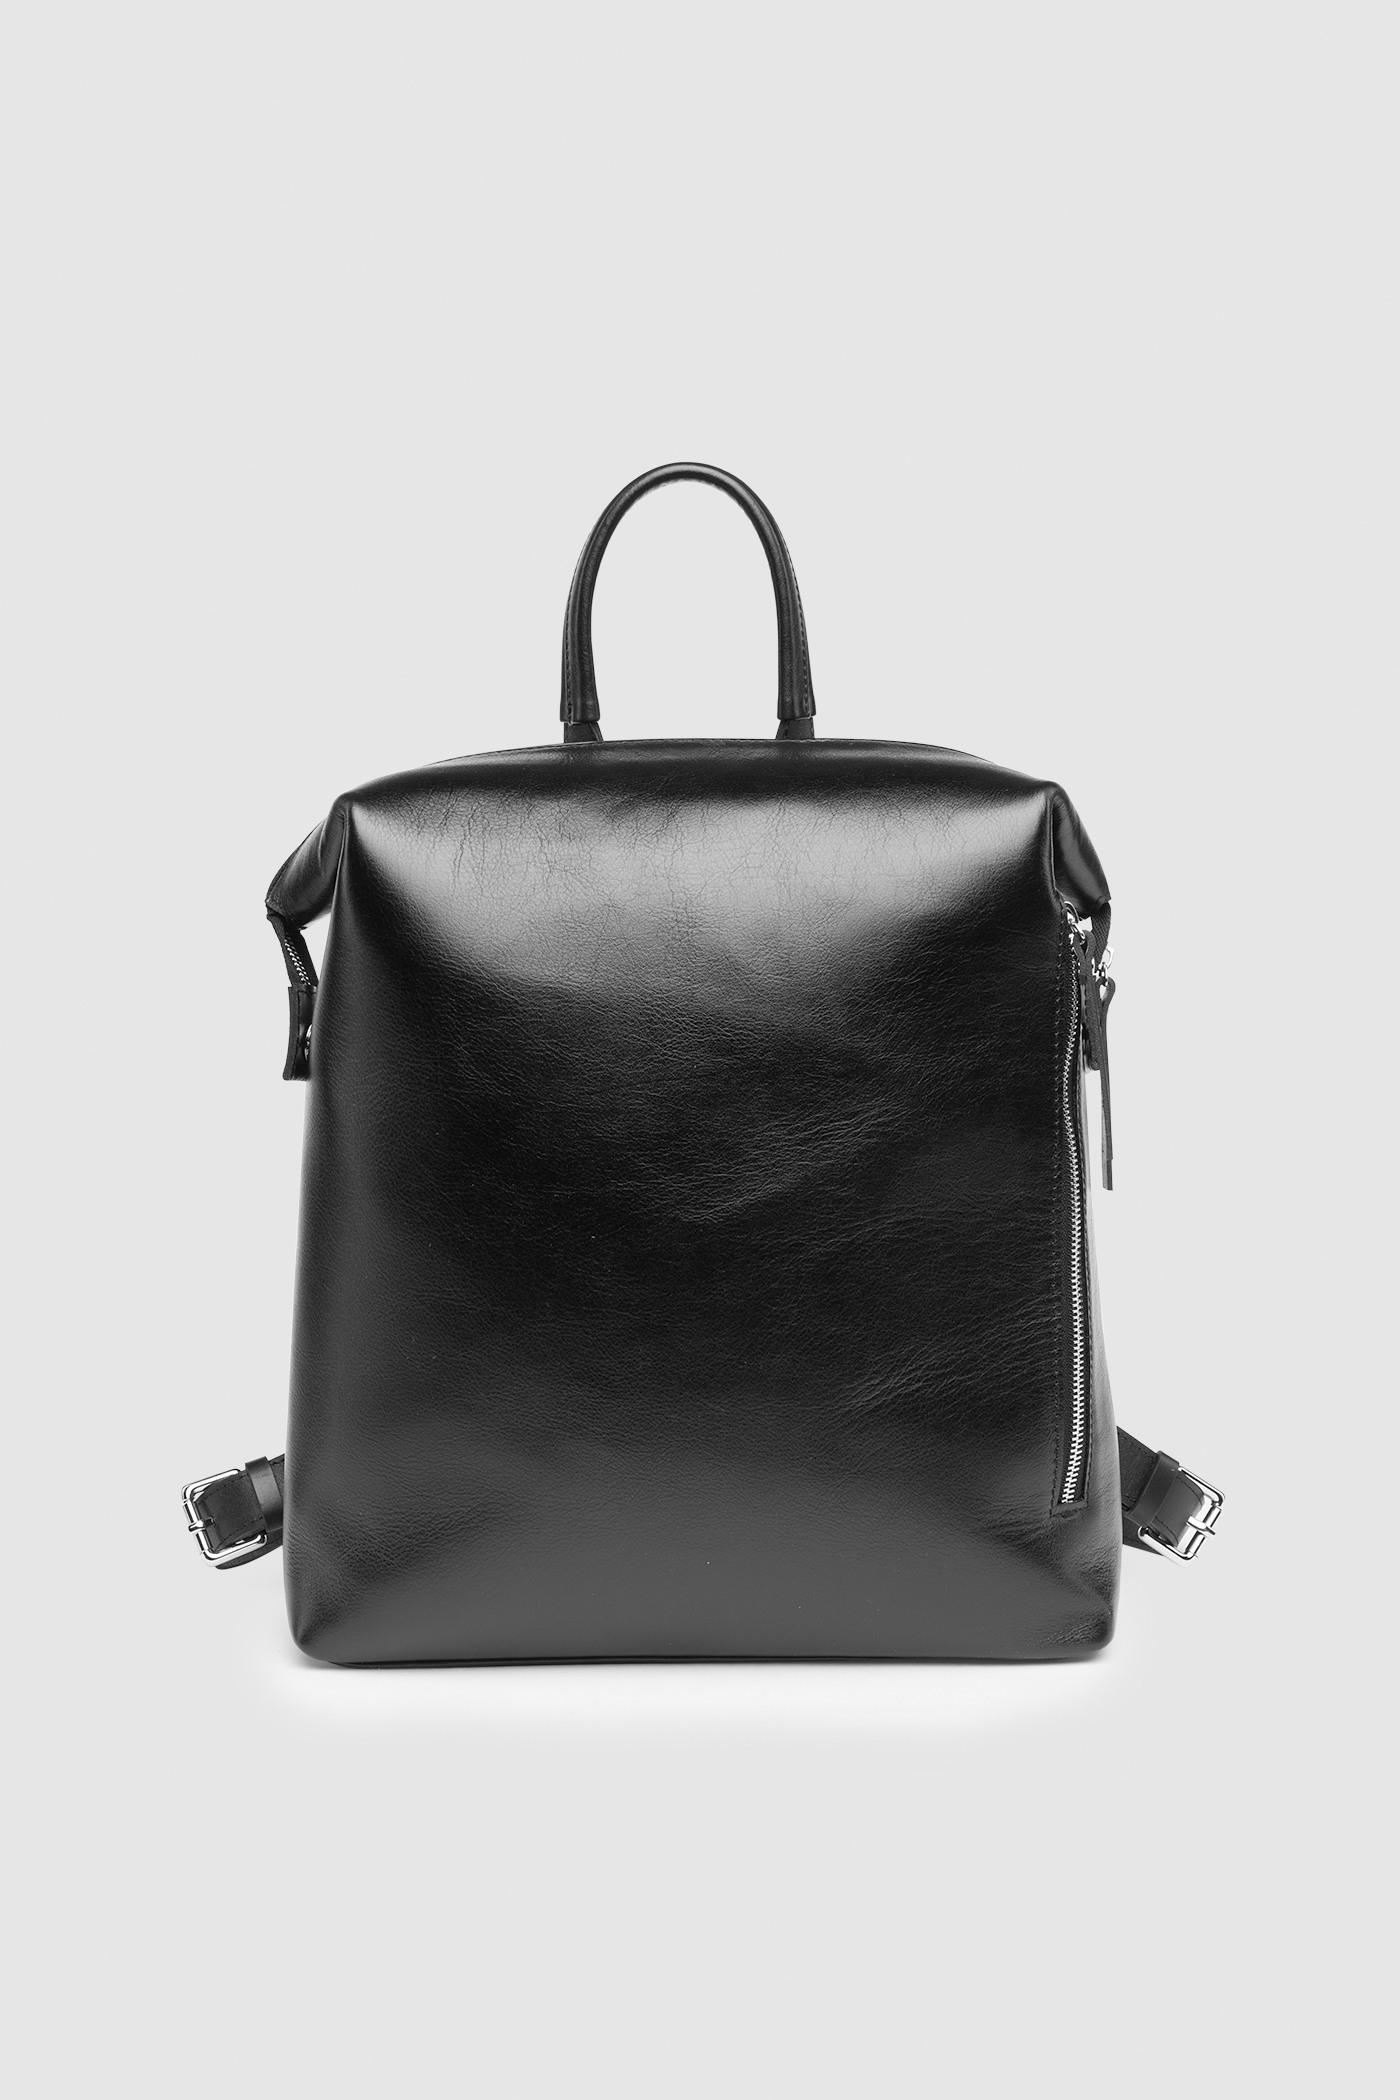 РюкзакРюкзак-трансформер &#13;<br>&#13;<br>&#13;<br>вместительная сумка-рюкзак прямоугольной формы, выполнена из черной кожи&#13;<br>&#13;<br>если перестегнуть лямки и загнуть крышку, он превращается в сумку через плечо&#13;<br>&#13;<br>унисекс&#13;<br>&#13;<br>держит форму&#13;<br>&#13;<br>большое основное отделение&#13;<br>&#13;<br>на задней и передней стенке рюкзака карманы на молнии&#13;<br>&#13;<br>внутренний карман для документов&#13;<br>&#13;<br>лямки на регуляторах из ремневой кожи&#13;<br>&#13;<br>защита нижних кантов от износа двойным дном&#13;<br>&#13;<br>тканная подкладка&#13;<br>&#13;<br>размеры: 32х36х10 см, идеально поместится MacBook 13<br><br>Цвет: Черный